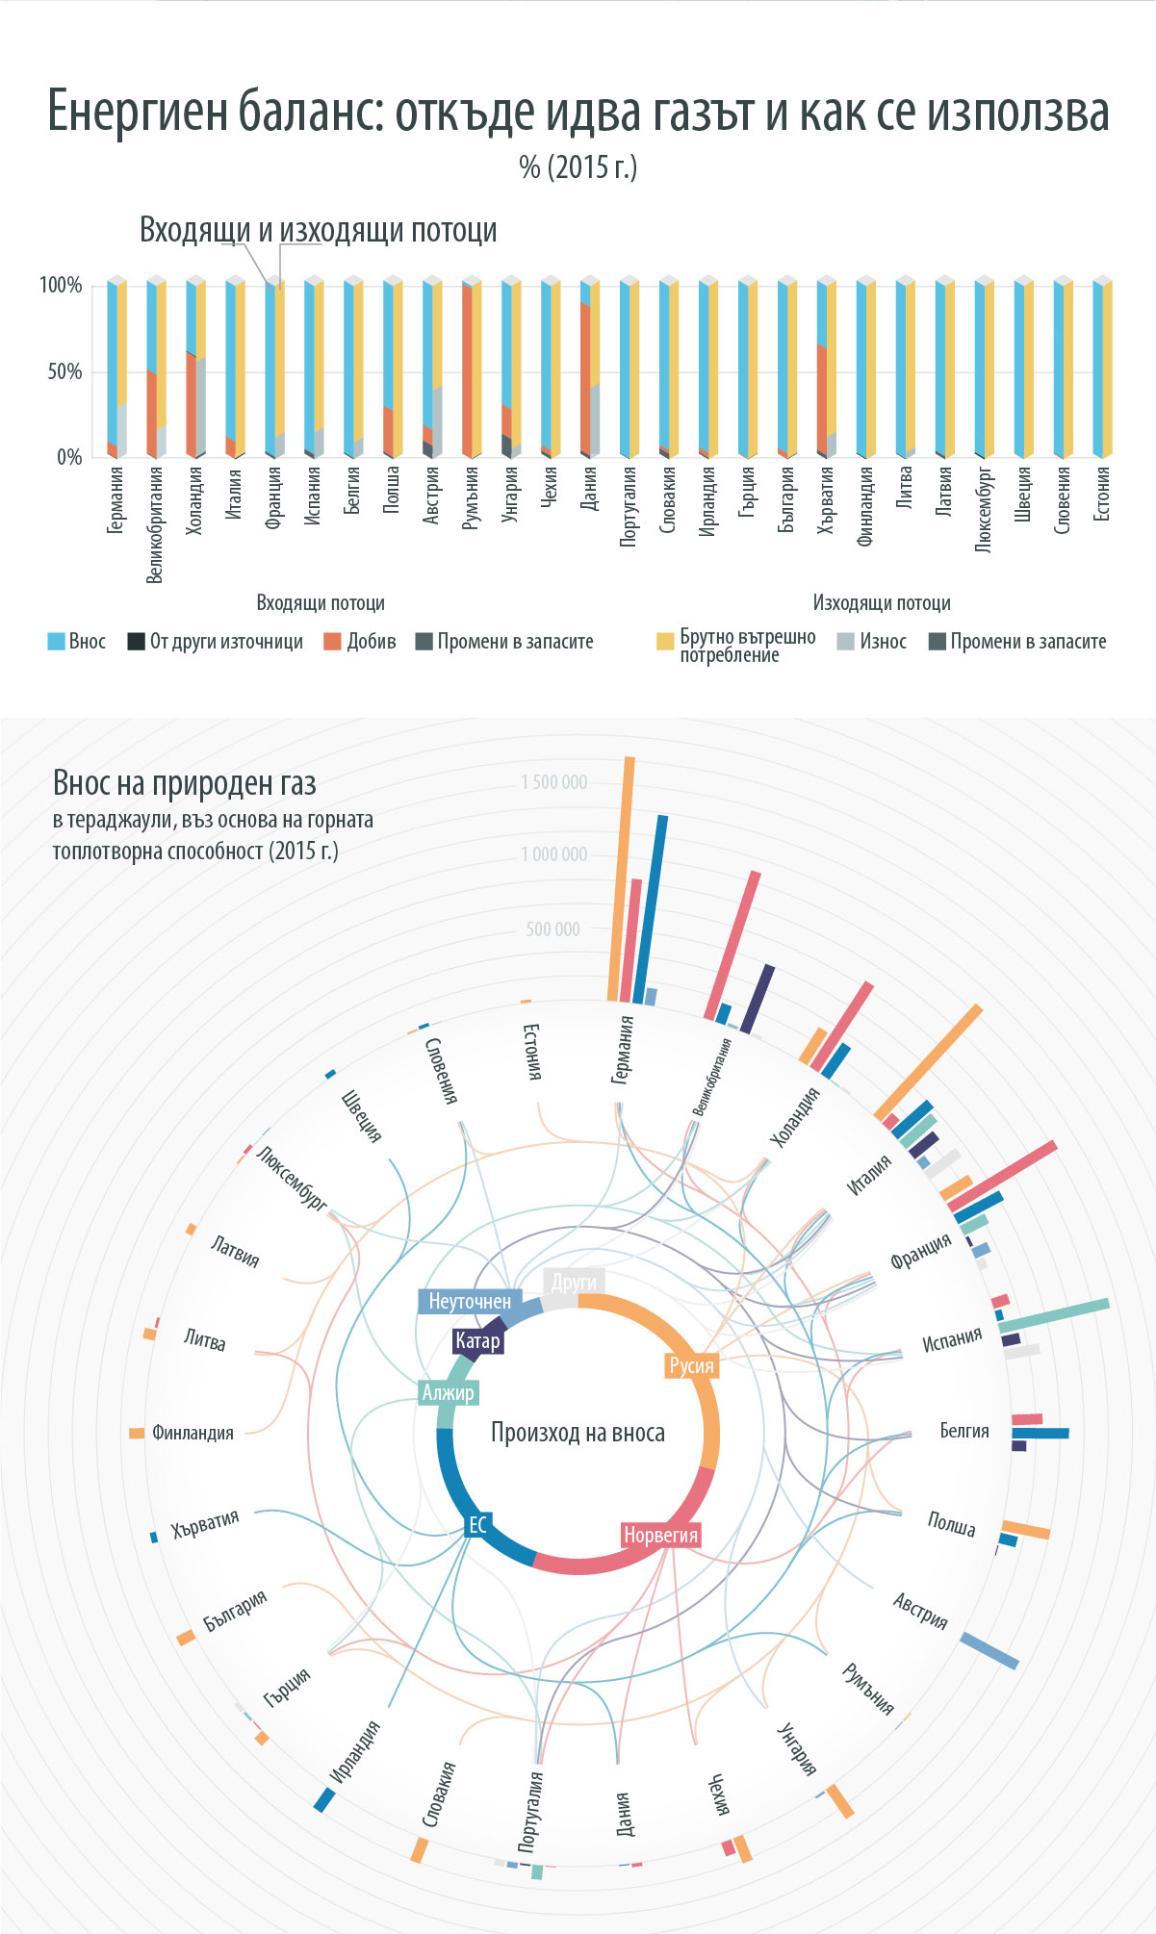 Инфографика илюстрация ЕС Енергиен баланс: откъде идва газът и как се използва